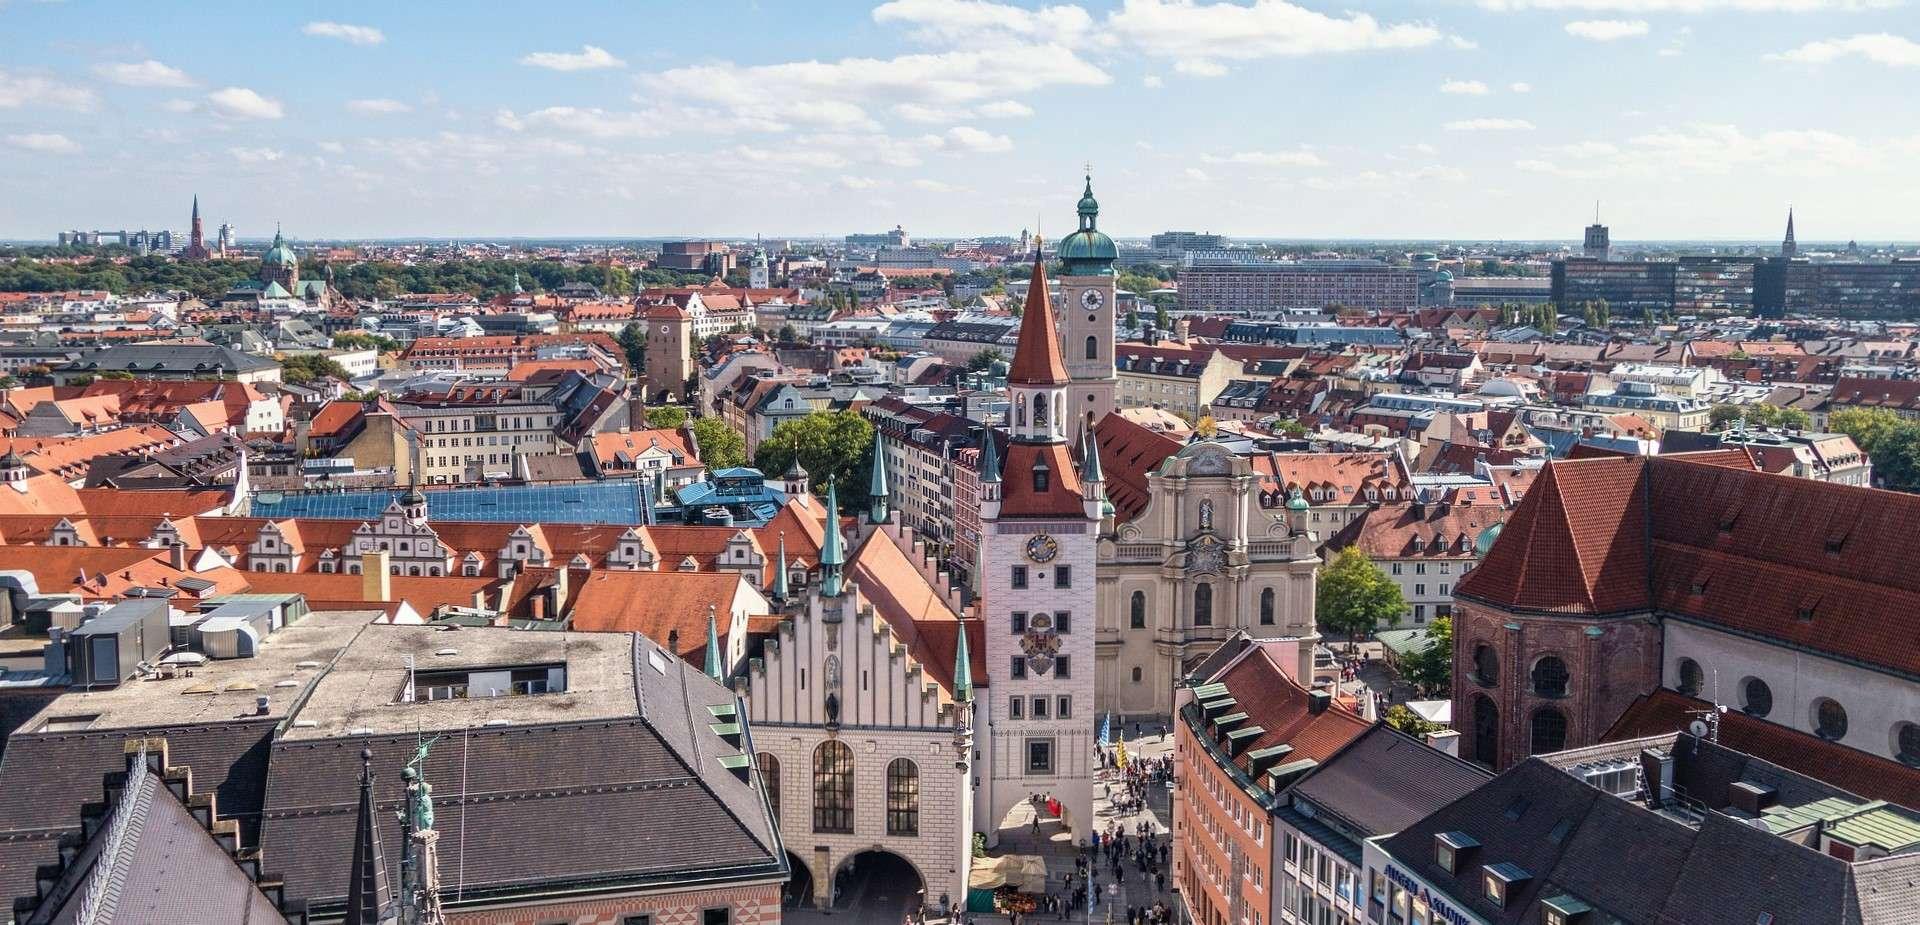 Direktflüge und Billigflüge ab Westerland/Sylt nach München